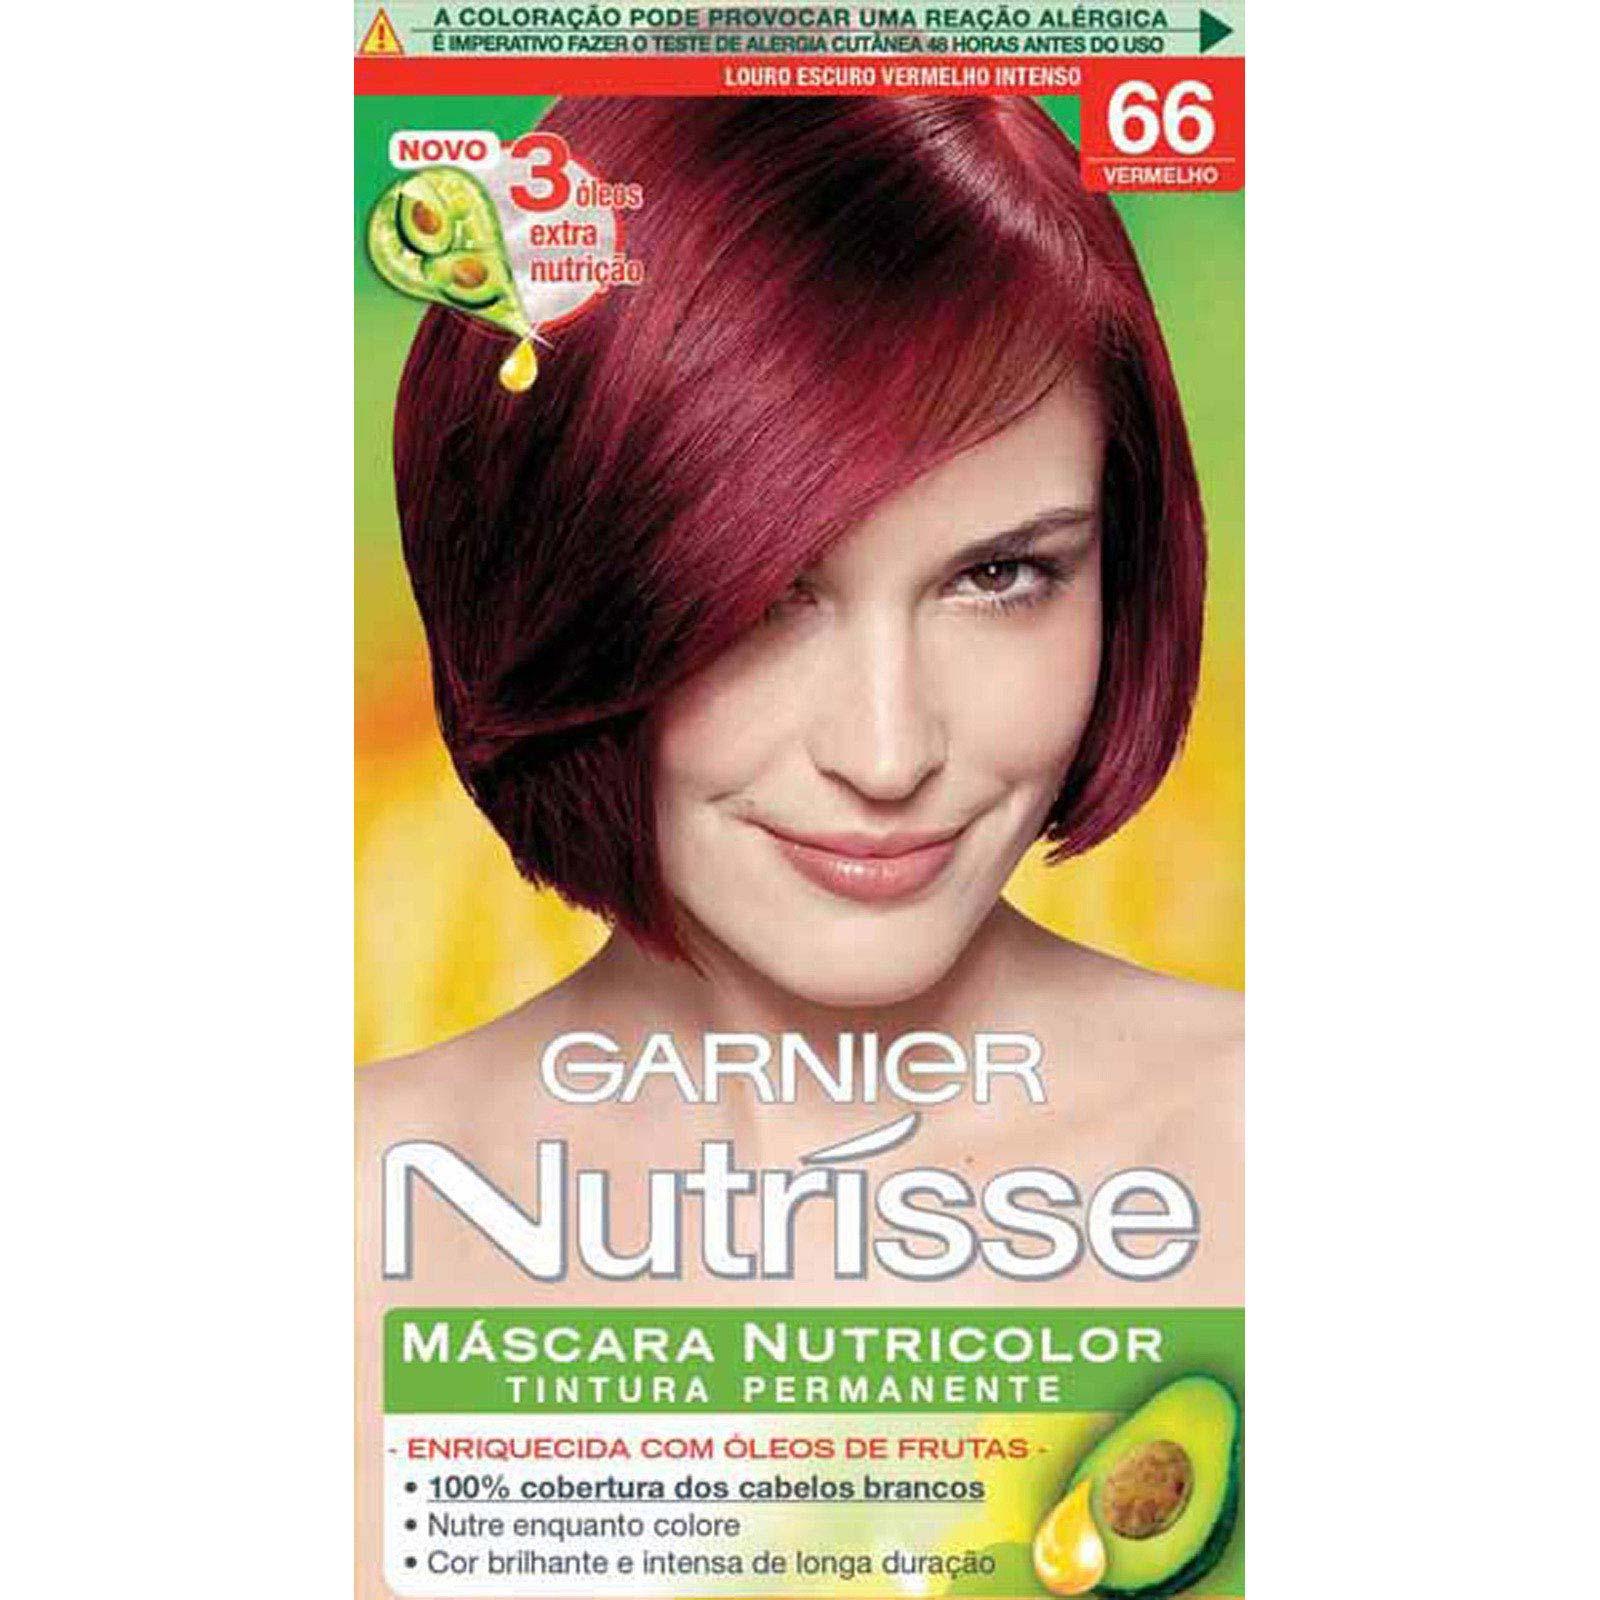 Краска для волос гарньер нутрис палитра цветов фото